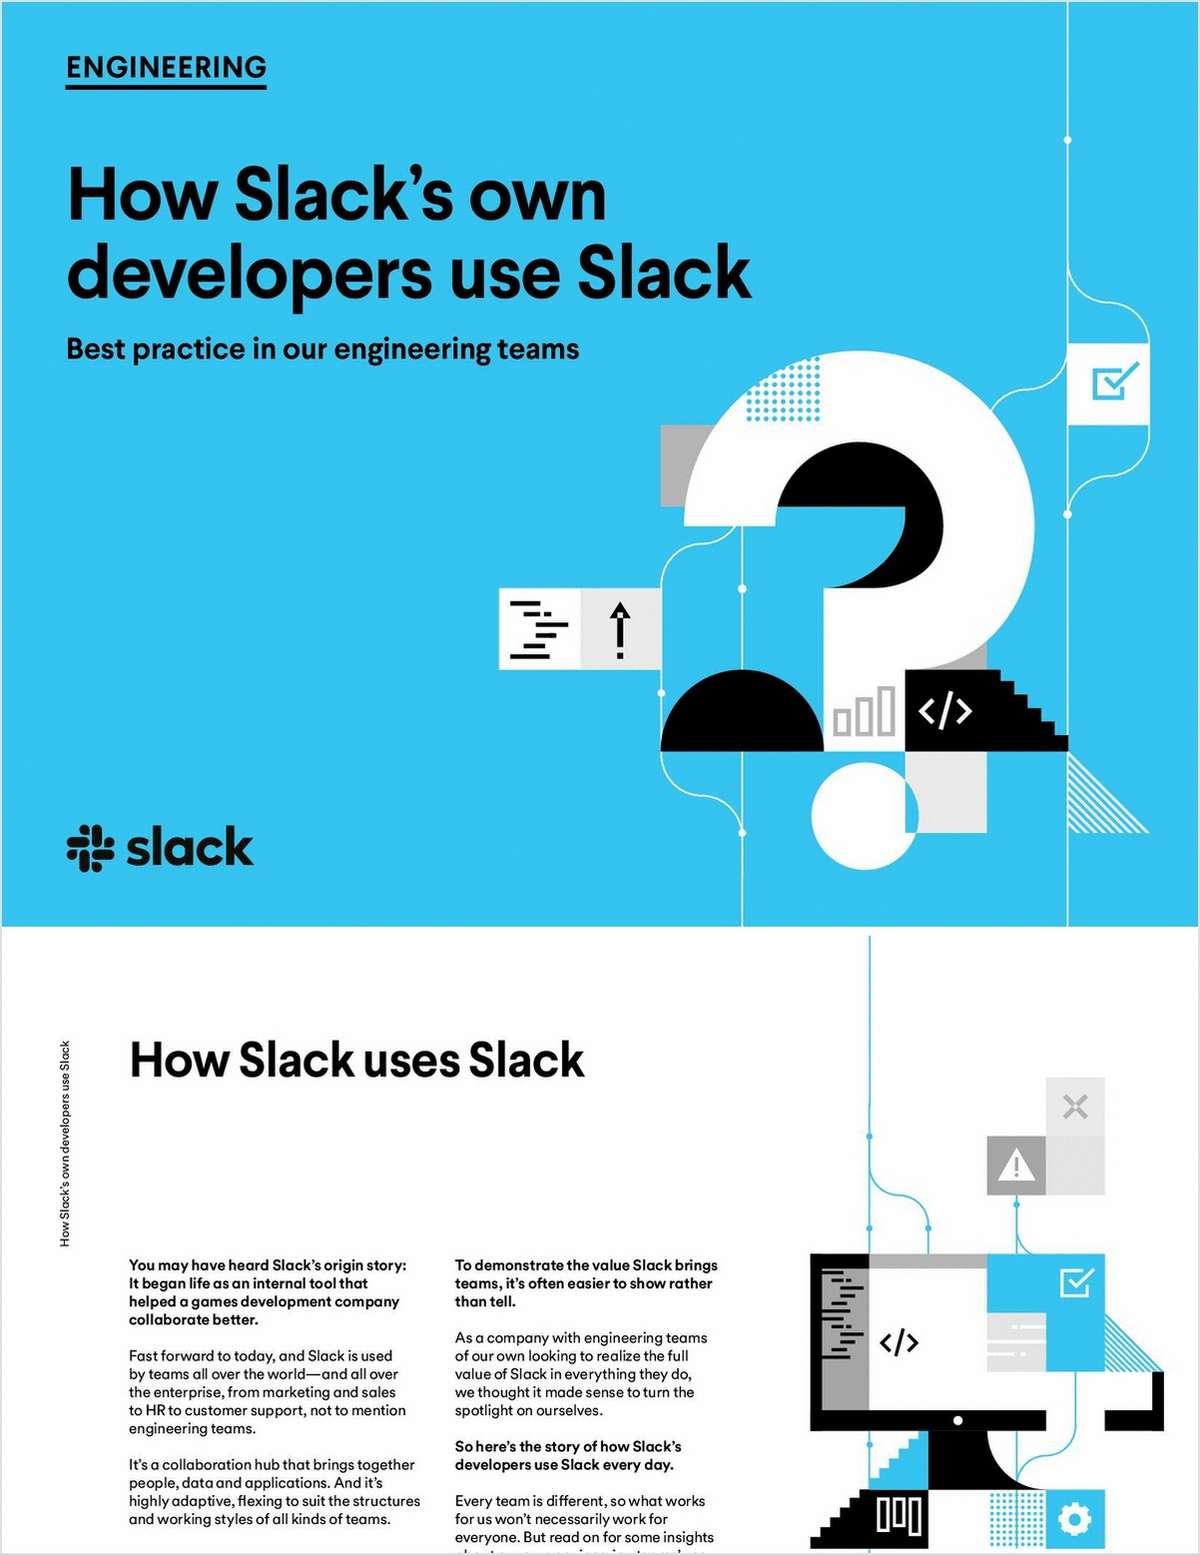 Learn how Slack's own developers use Slack